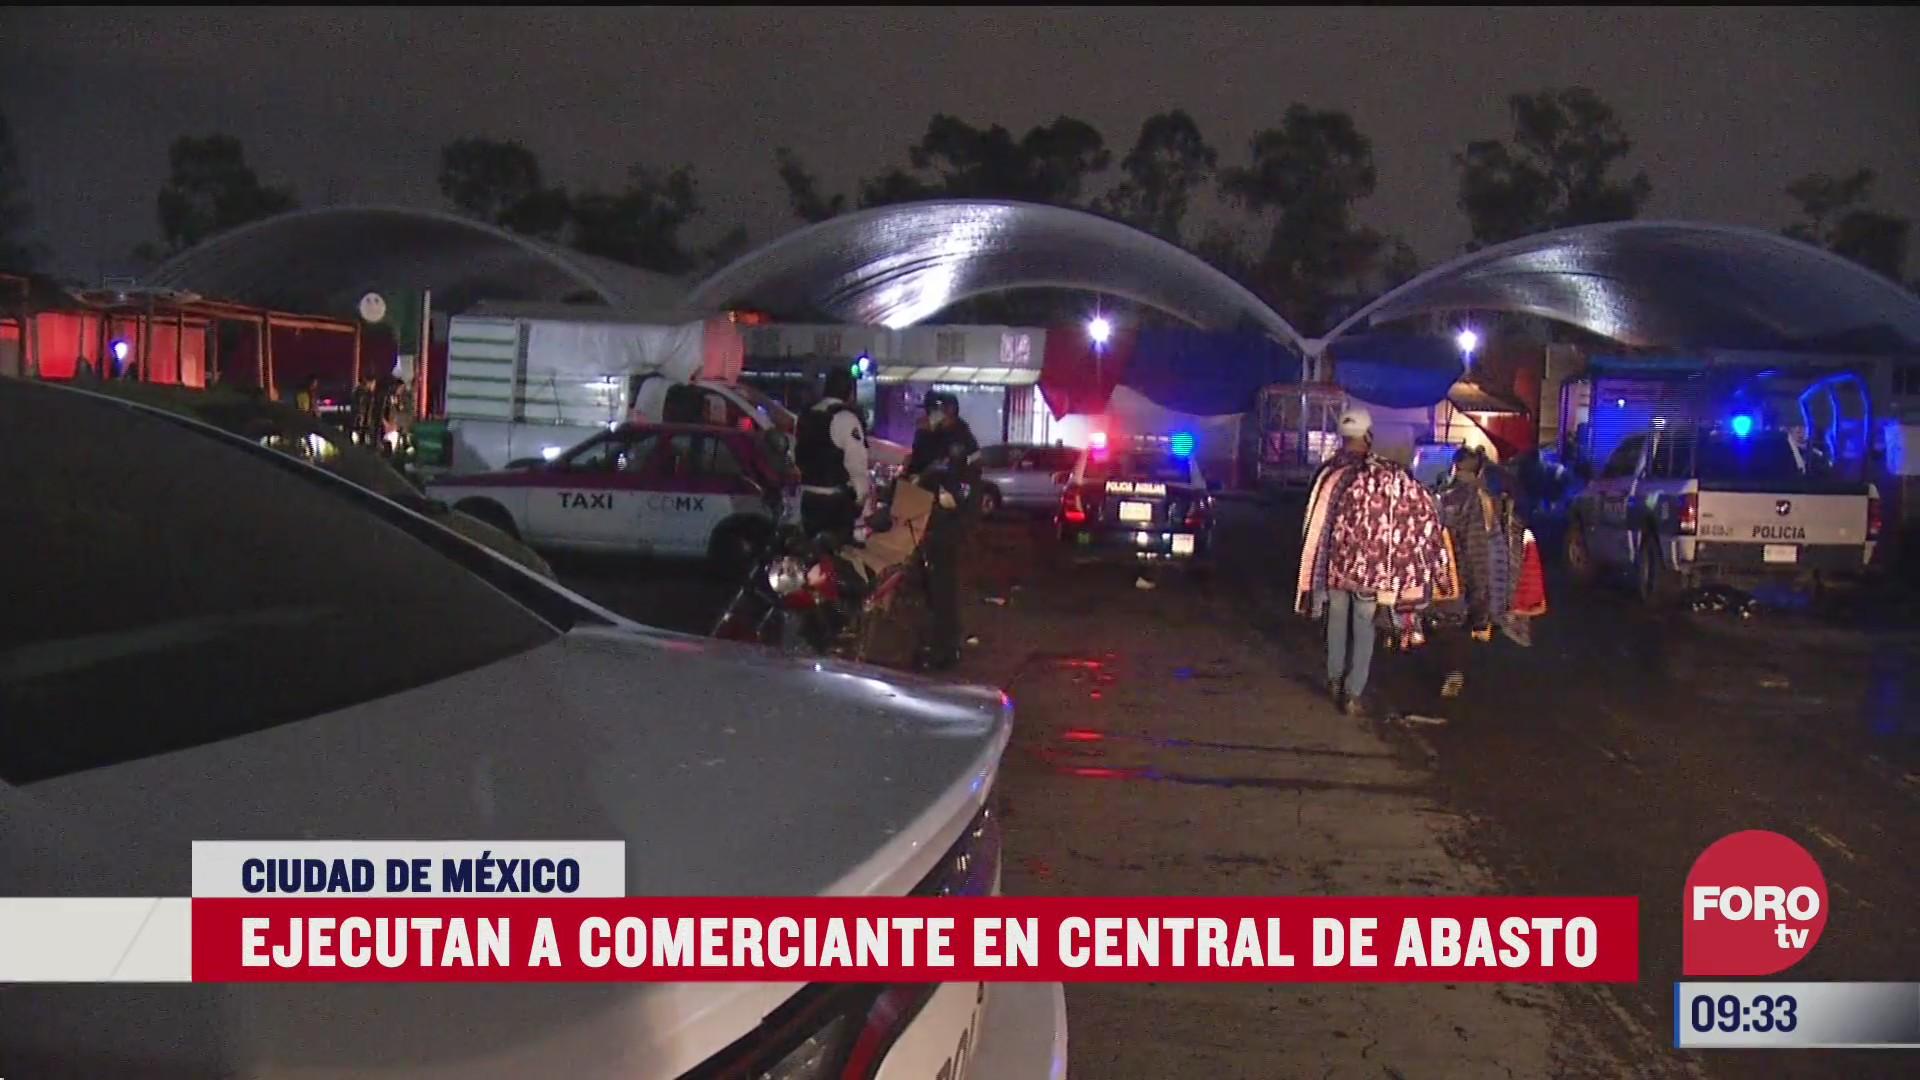 asesinan a comerciante en la central de abasto de la ciudad de mexico